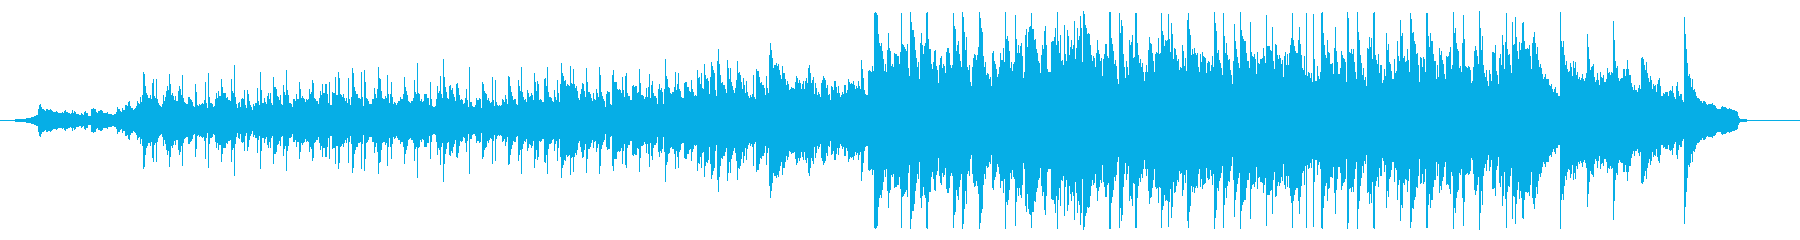 90秒CM用、ポップ、落ち着いた曲調の再生済みの波形